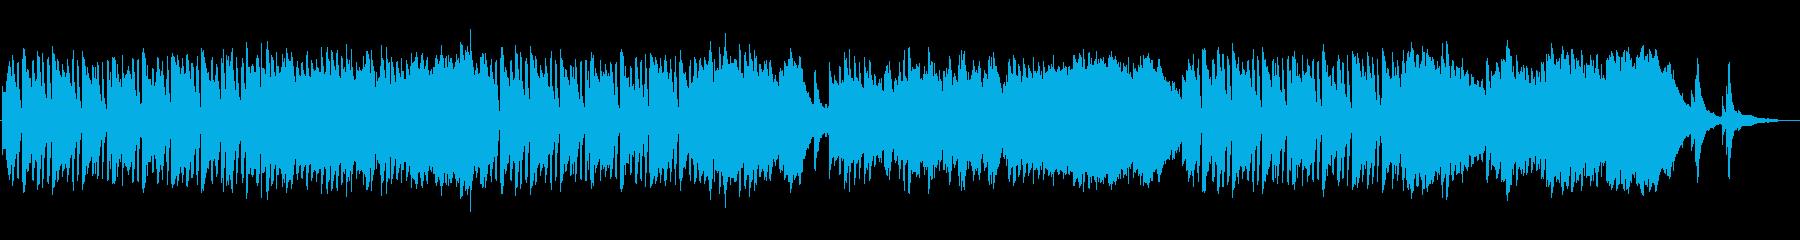 ピアノがメインの日常BGMの再生済みの波形